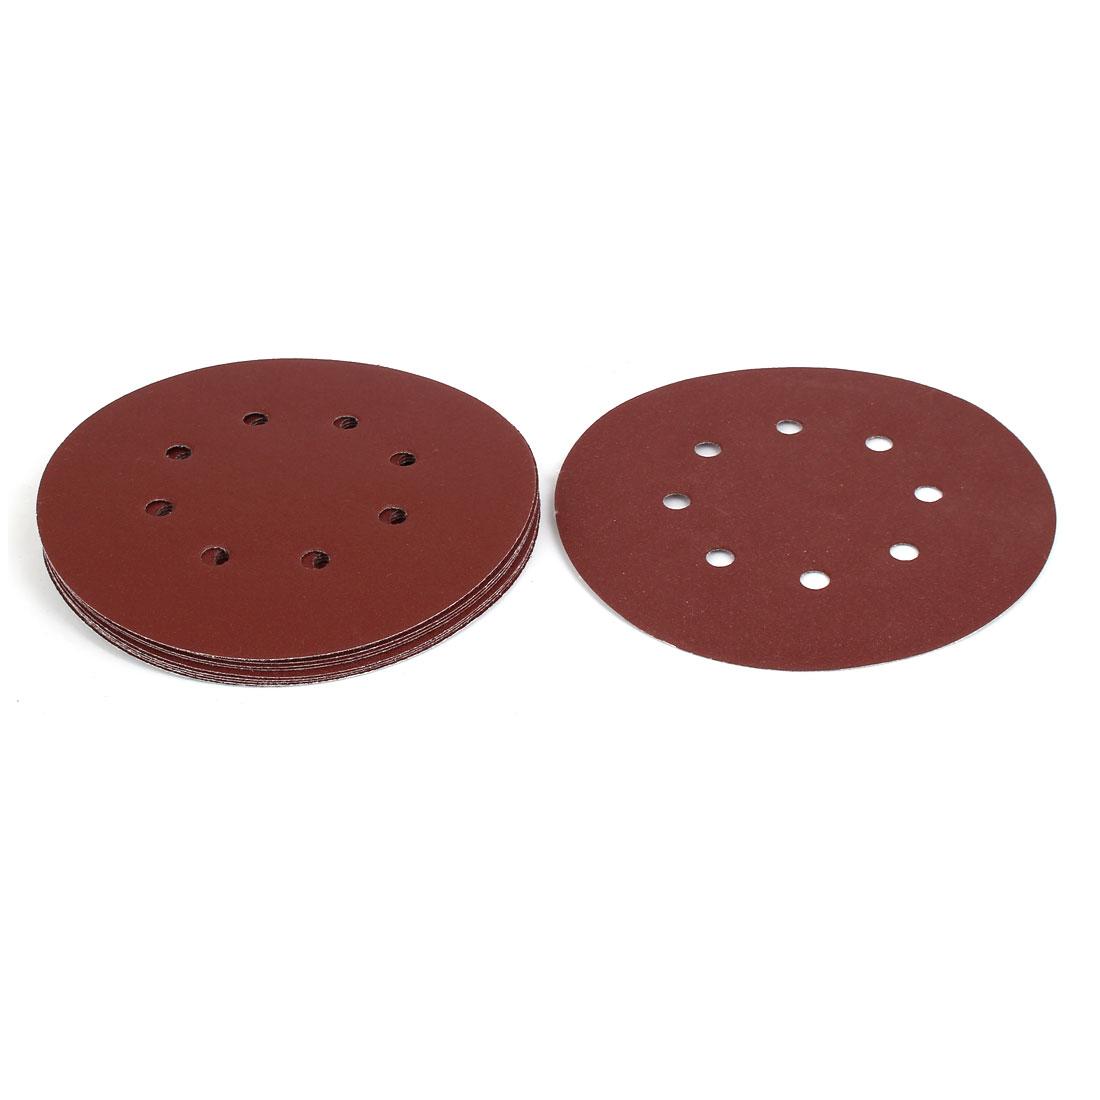 """150 Grit 8 Hole 7"""" Diameter Sandpaper Hook Loop Sanding Disc 10 Pcs"""